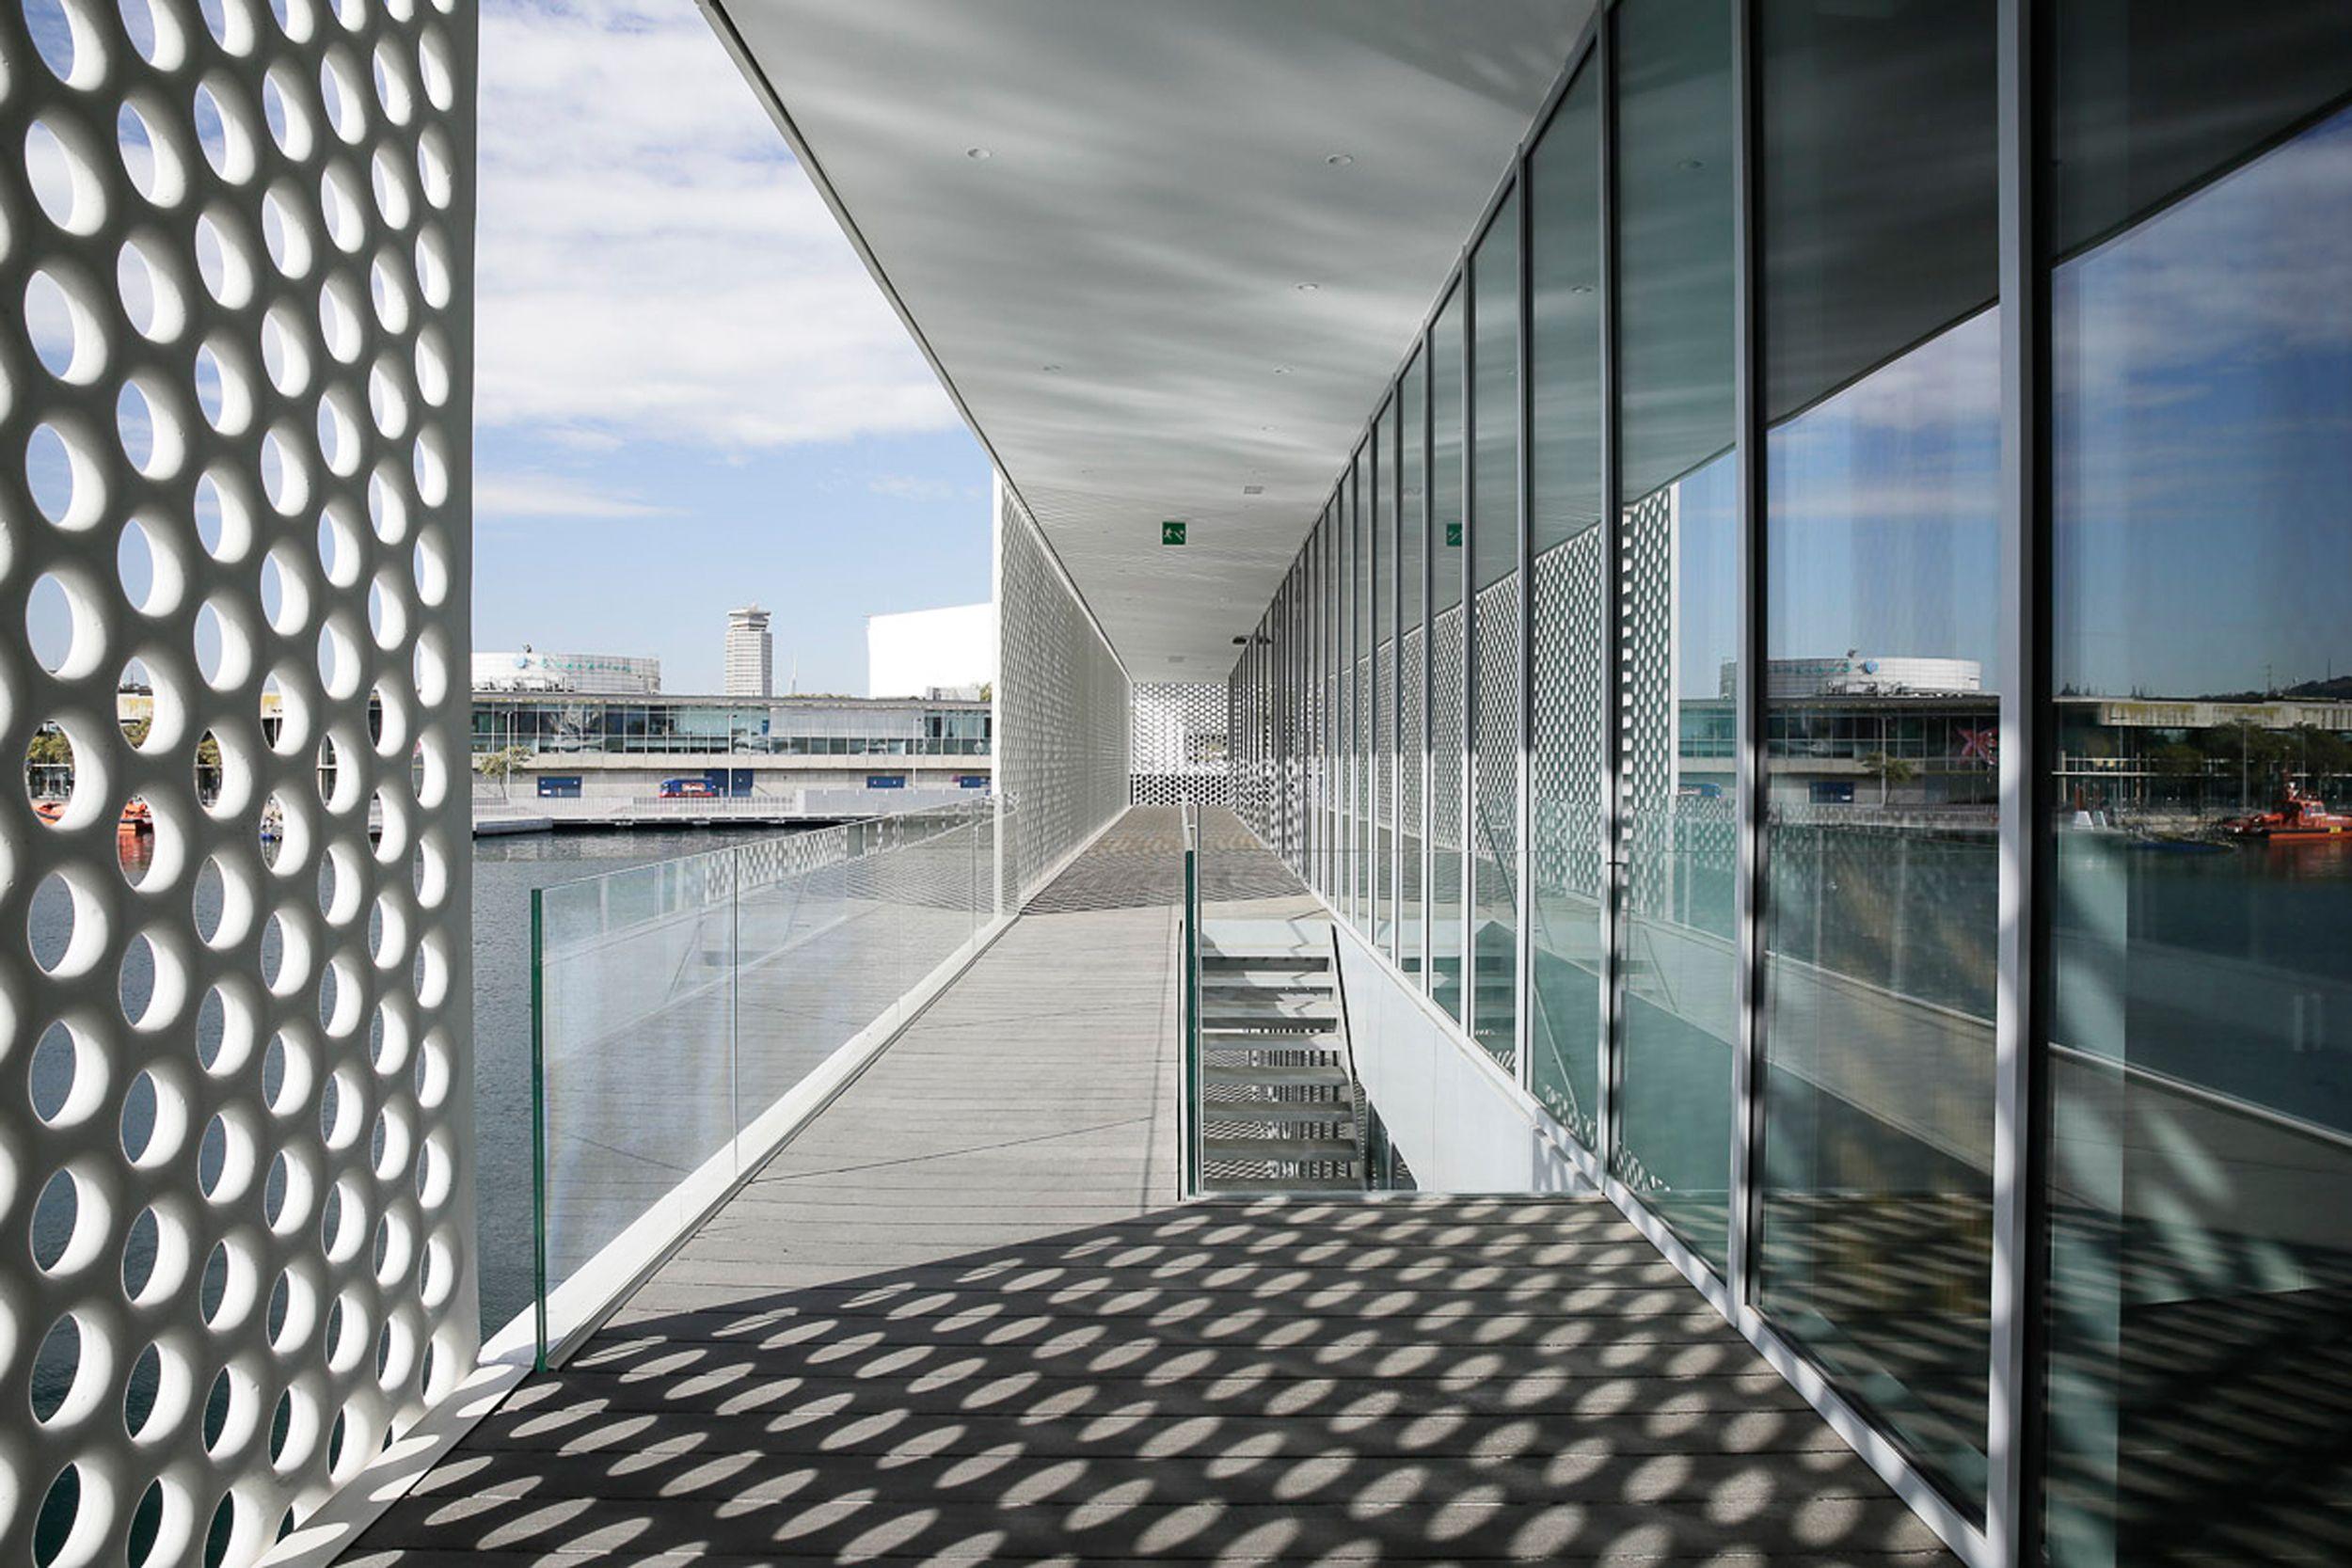 Filigree lattice screens in perforated metal make two marina buildings designed…